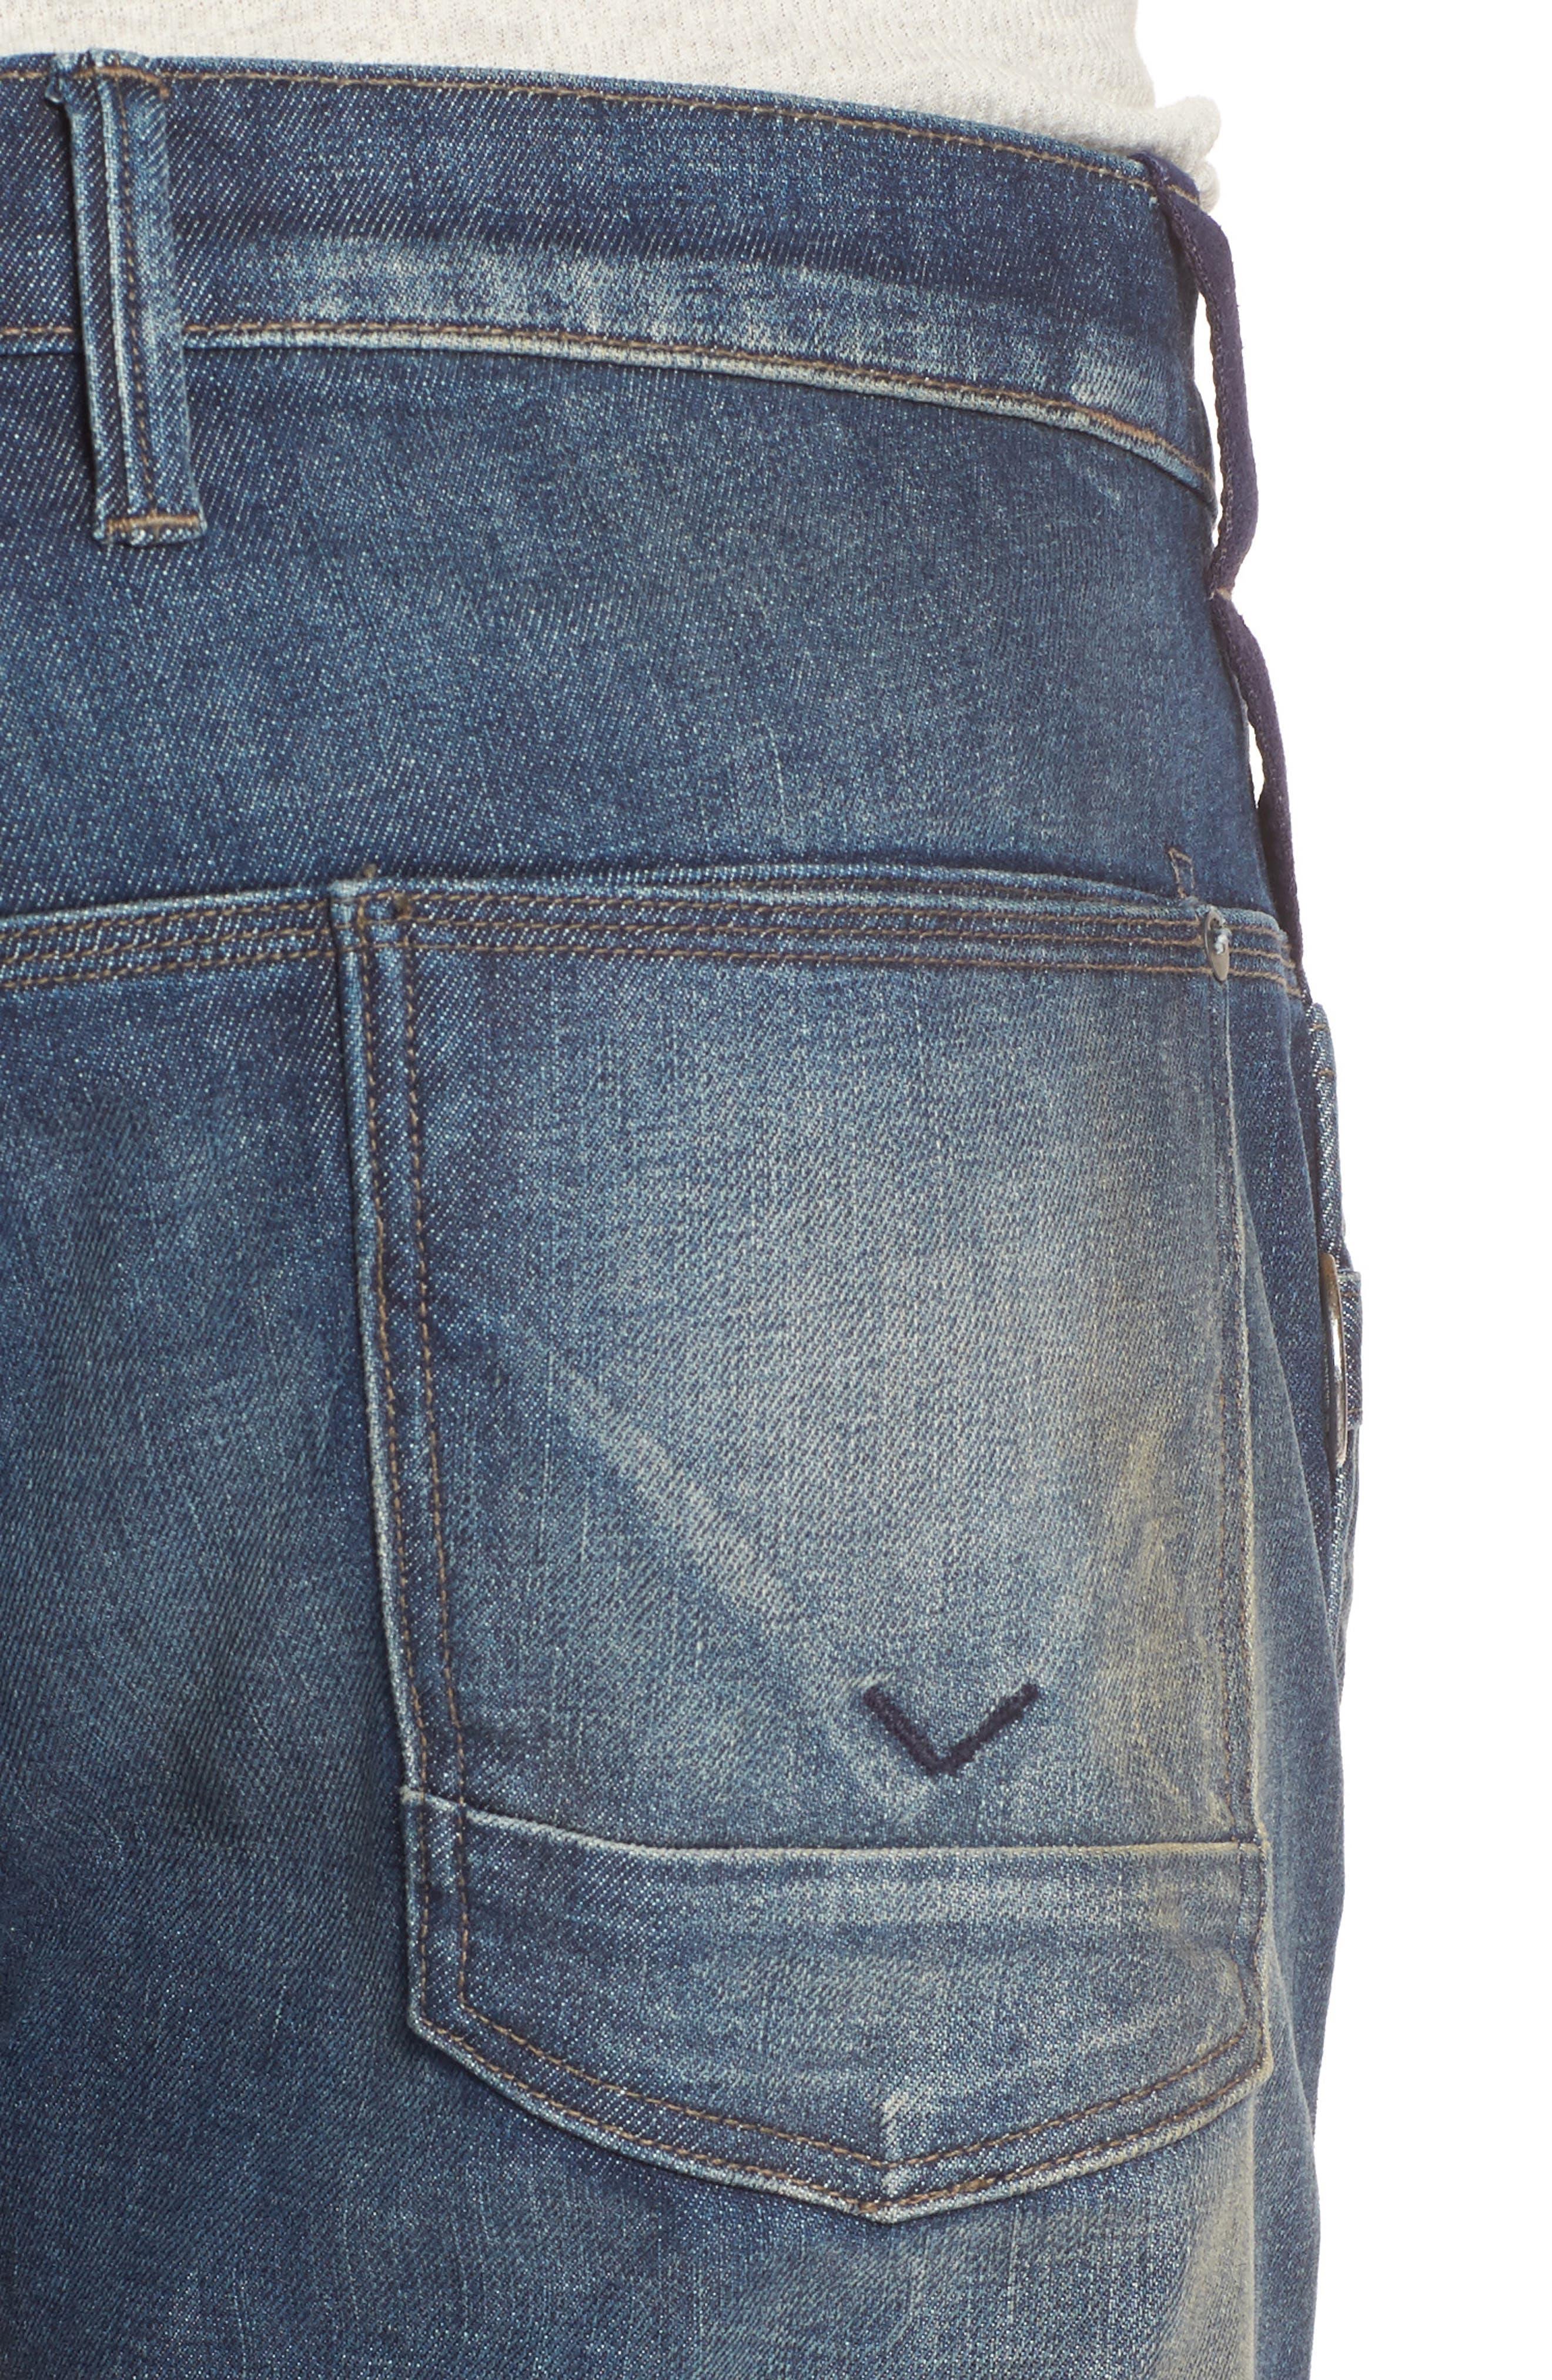 Alternate Image 4  - Hudson Jeans Hunter Straight Fit Jeans (Virus)